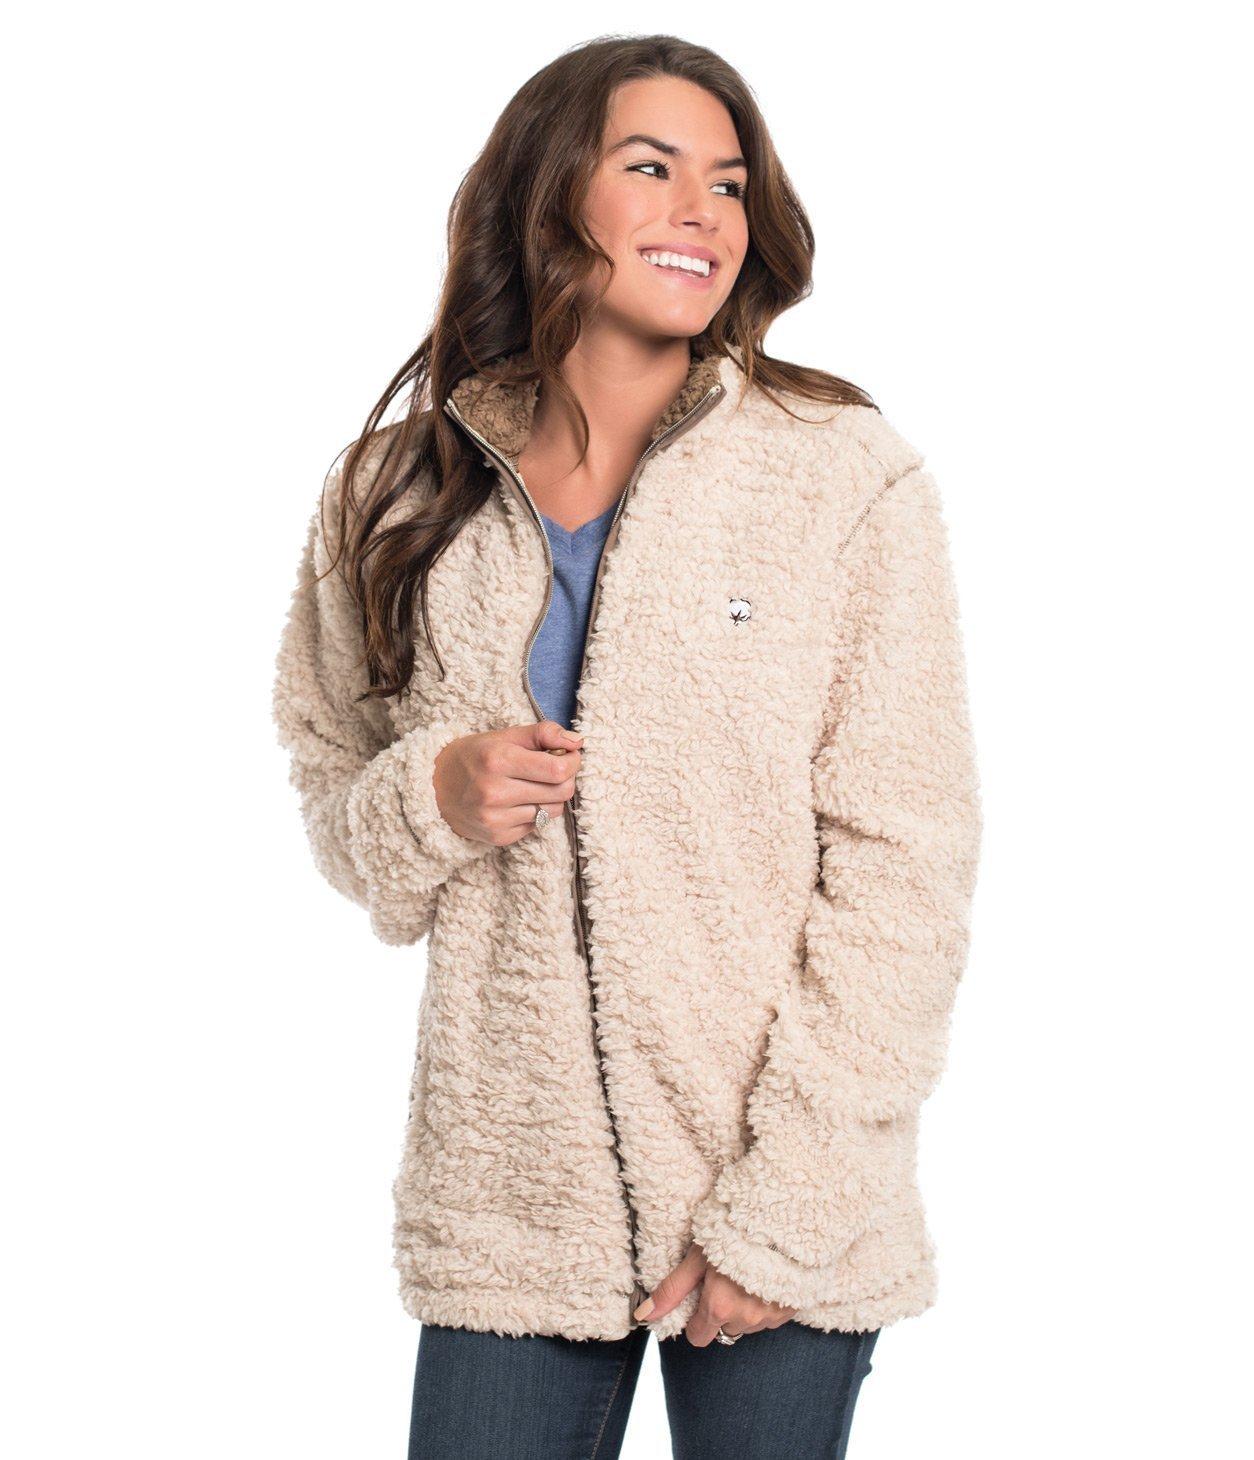 Southern Shirt Company Sherpa Jacket